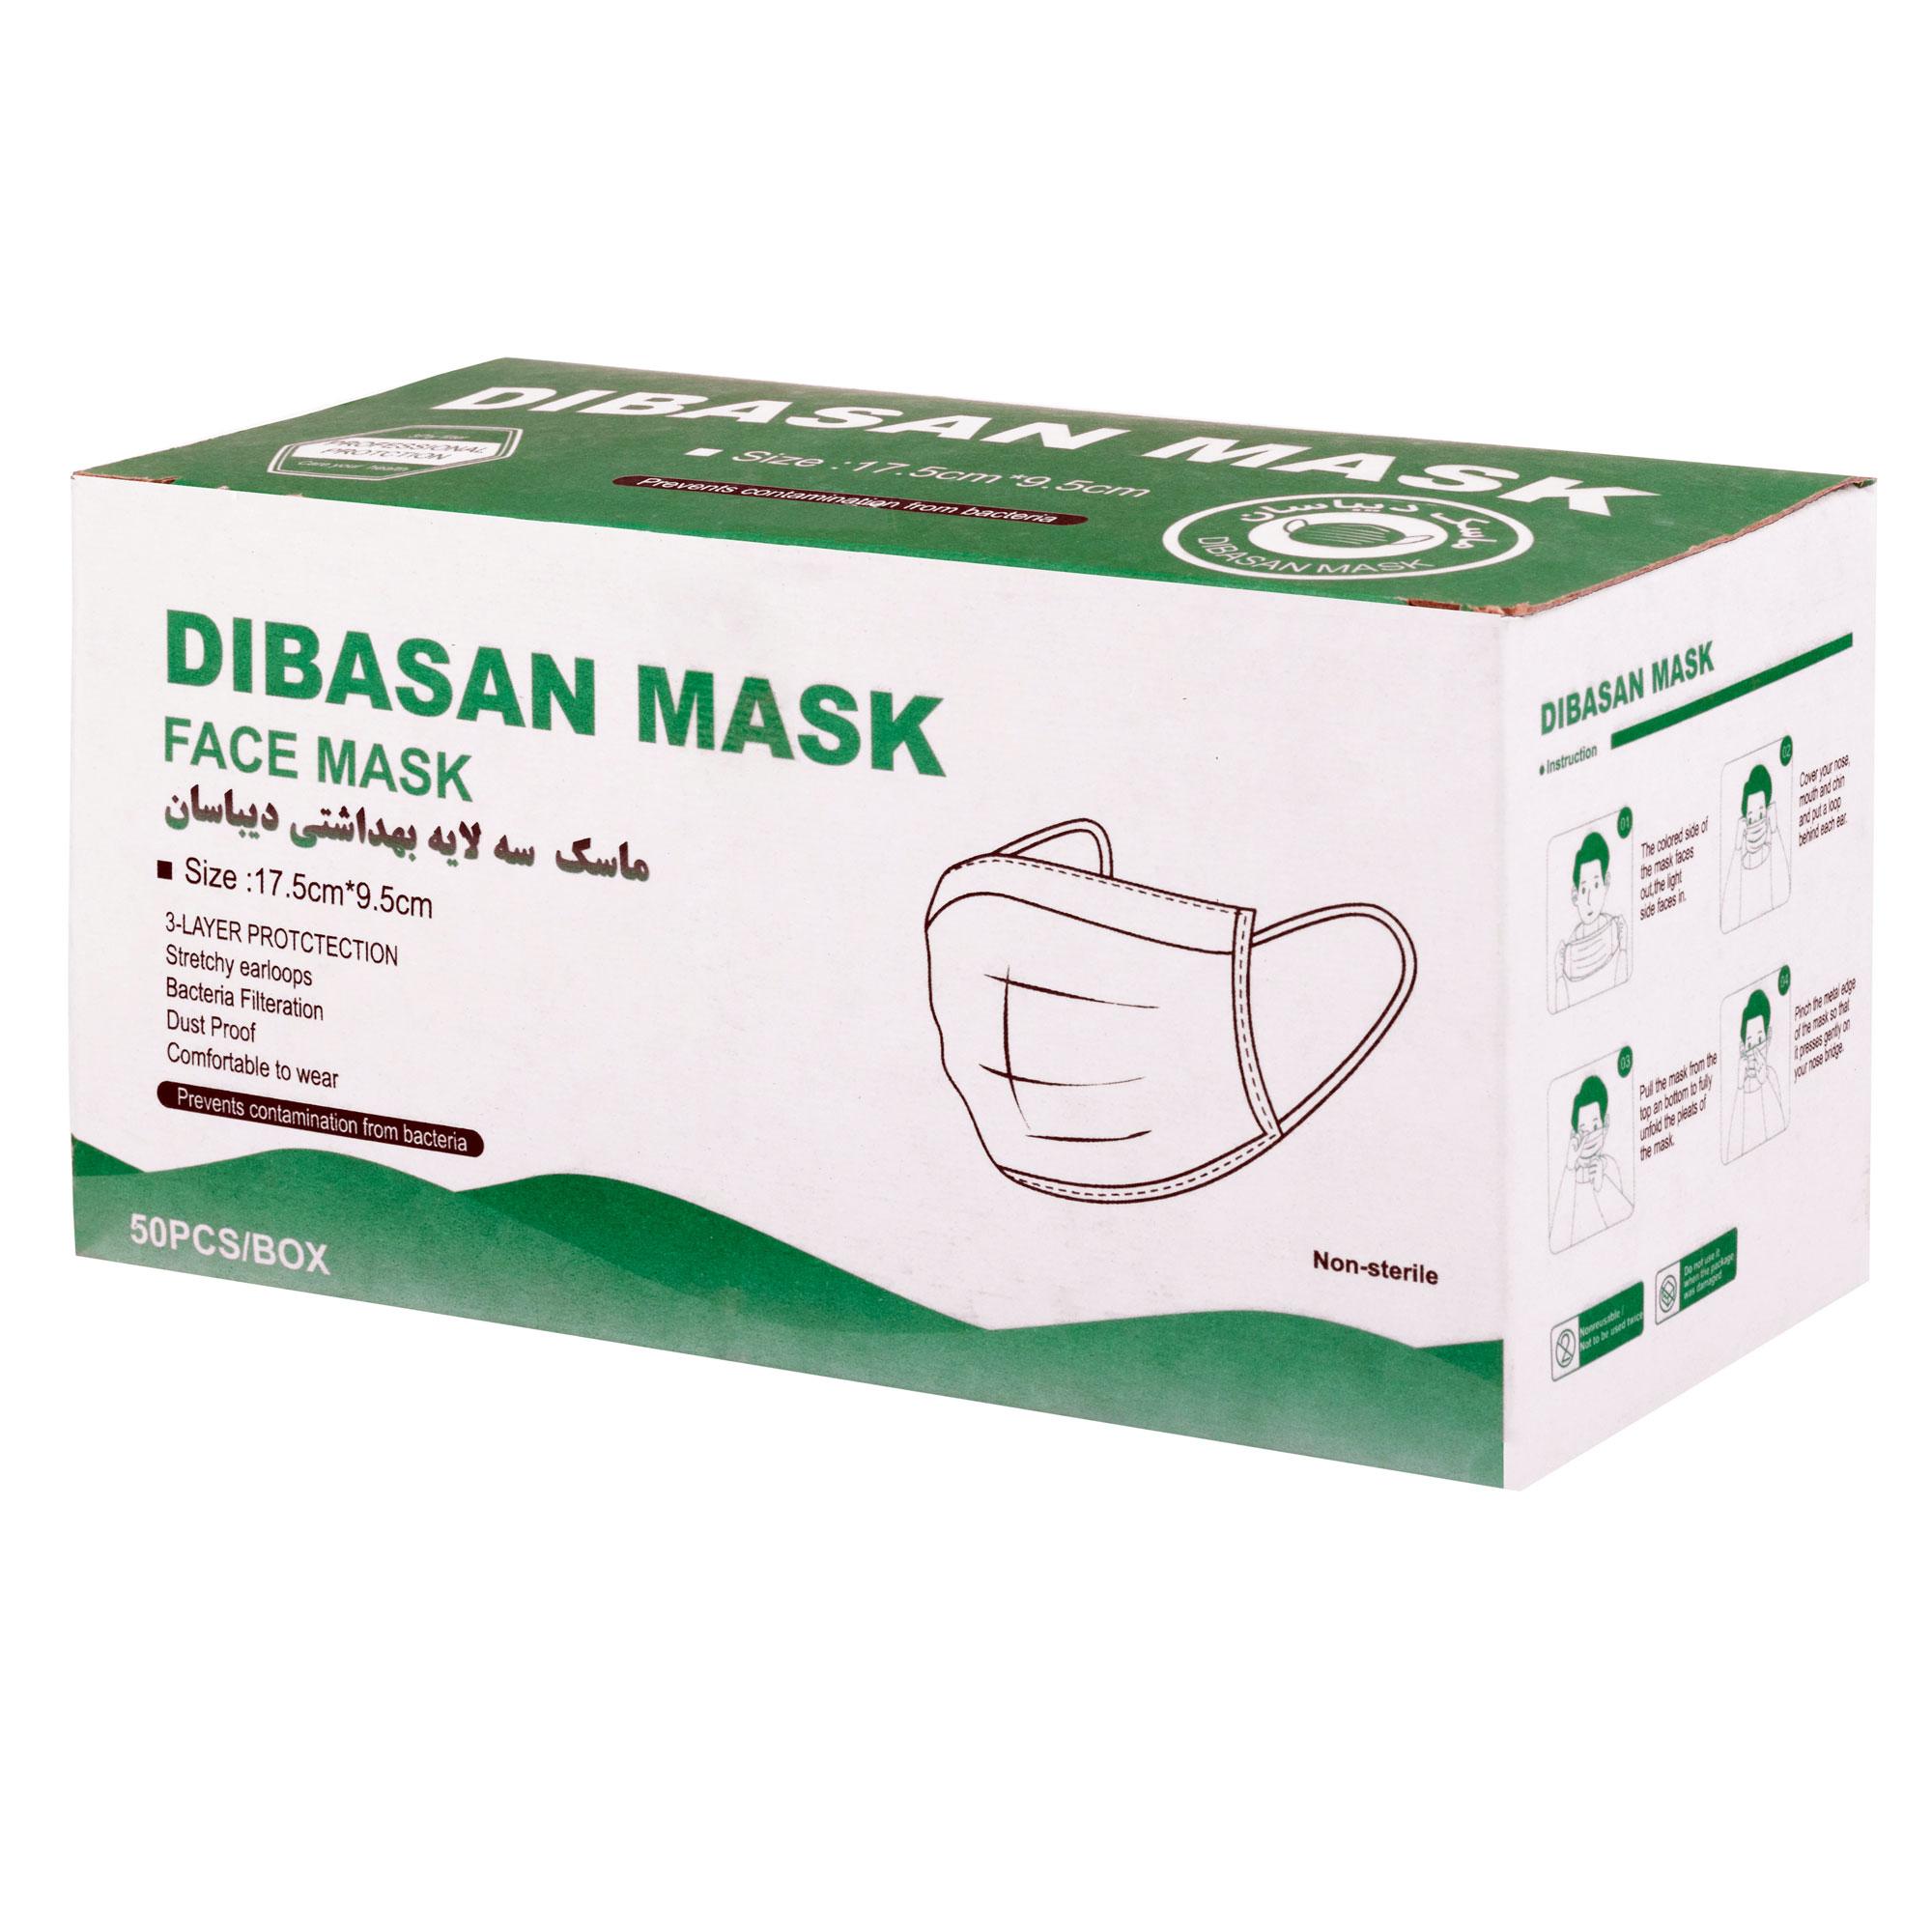 ماسک تنفسی دیباسان مدل meltblown05 بسته 50 عددی